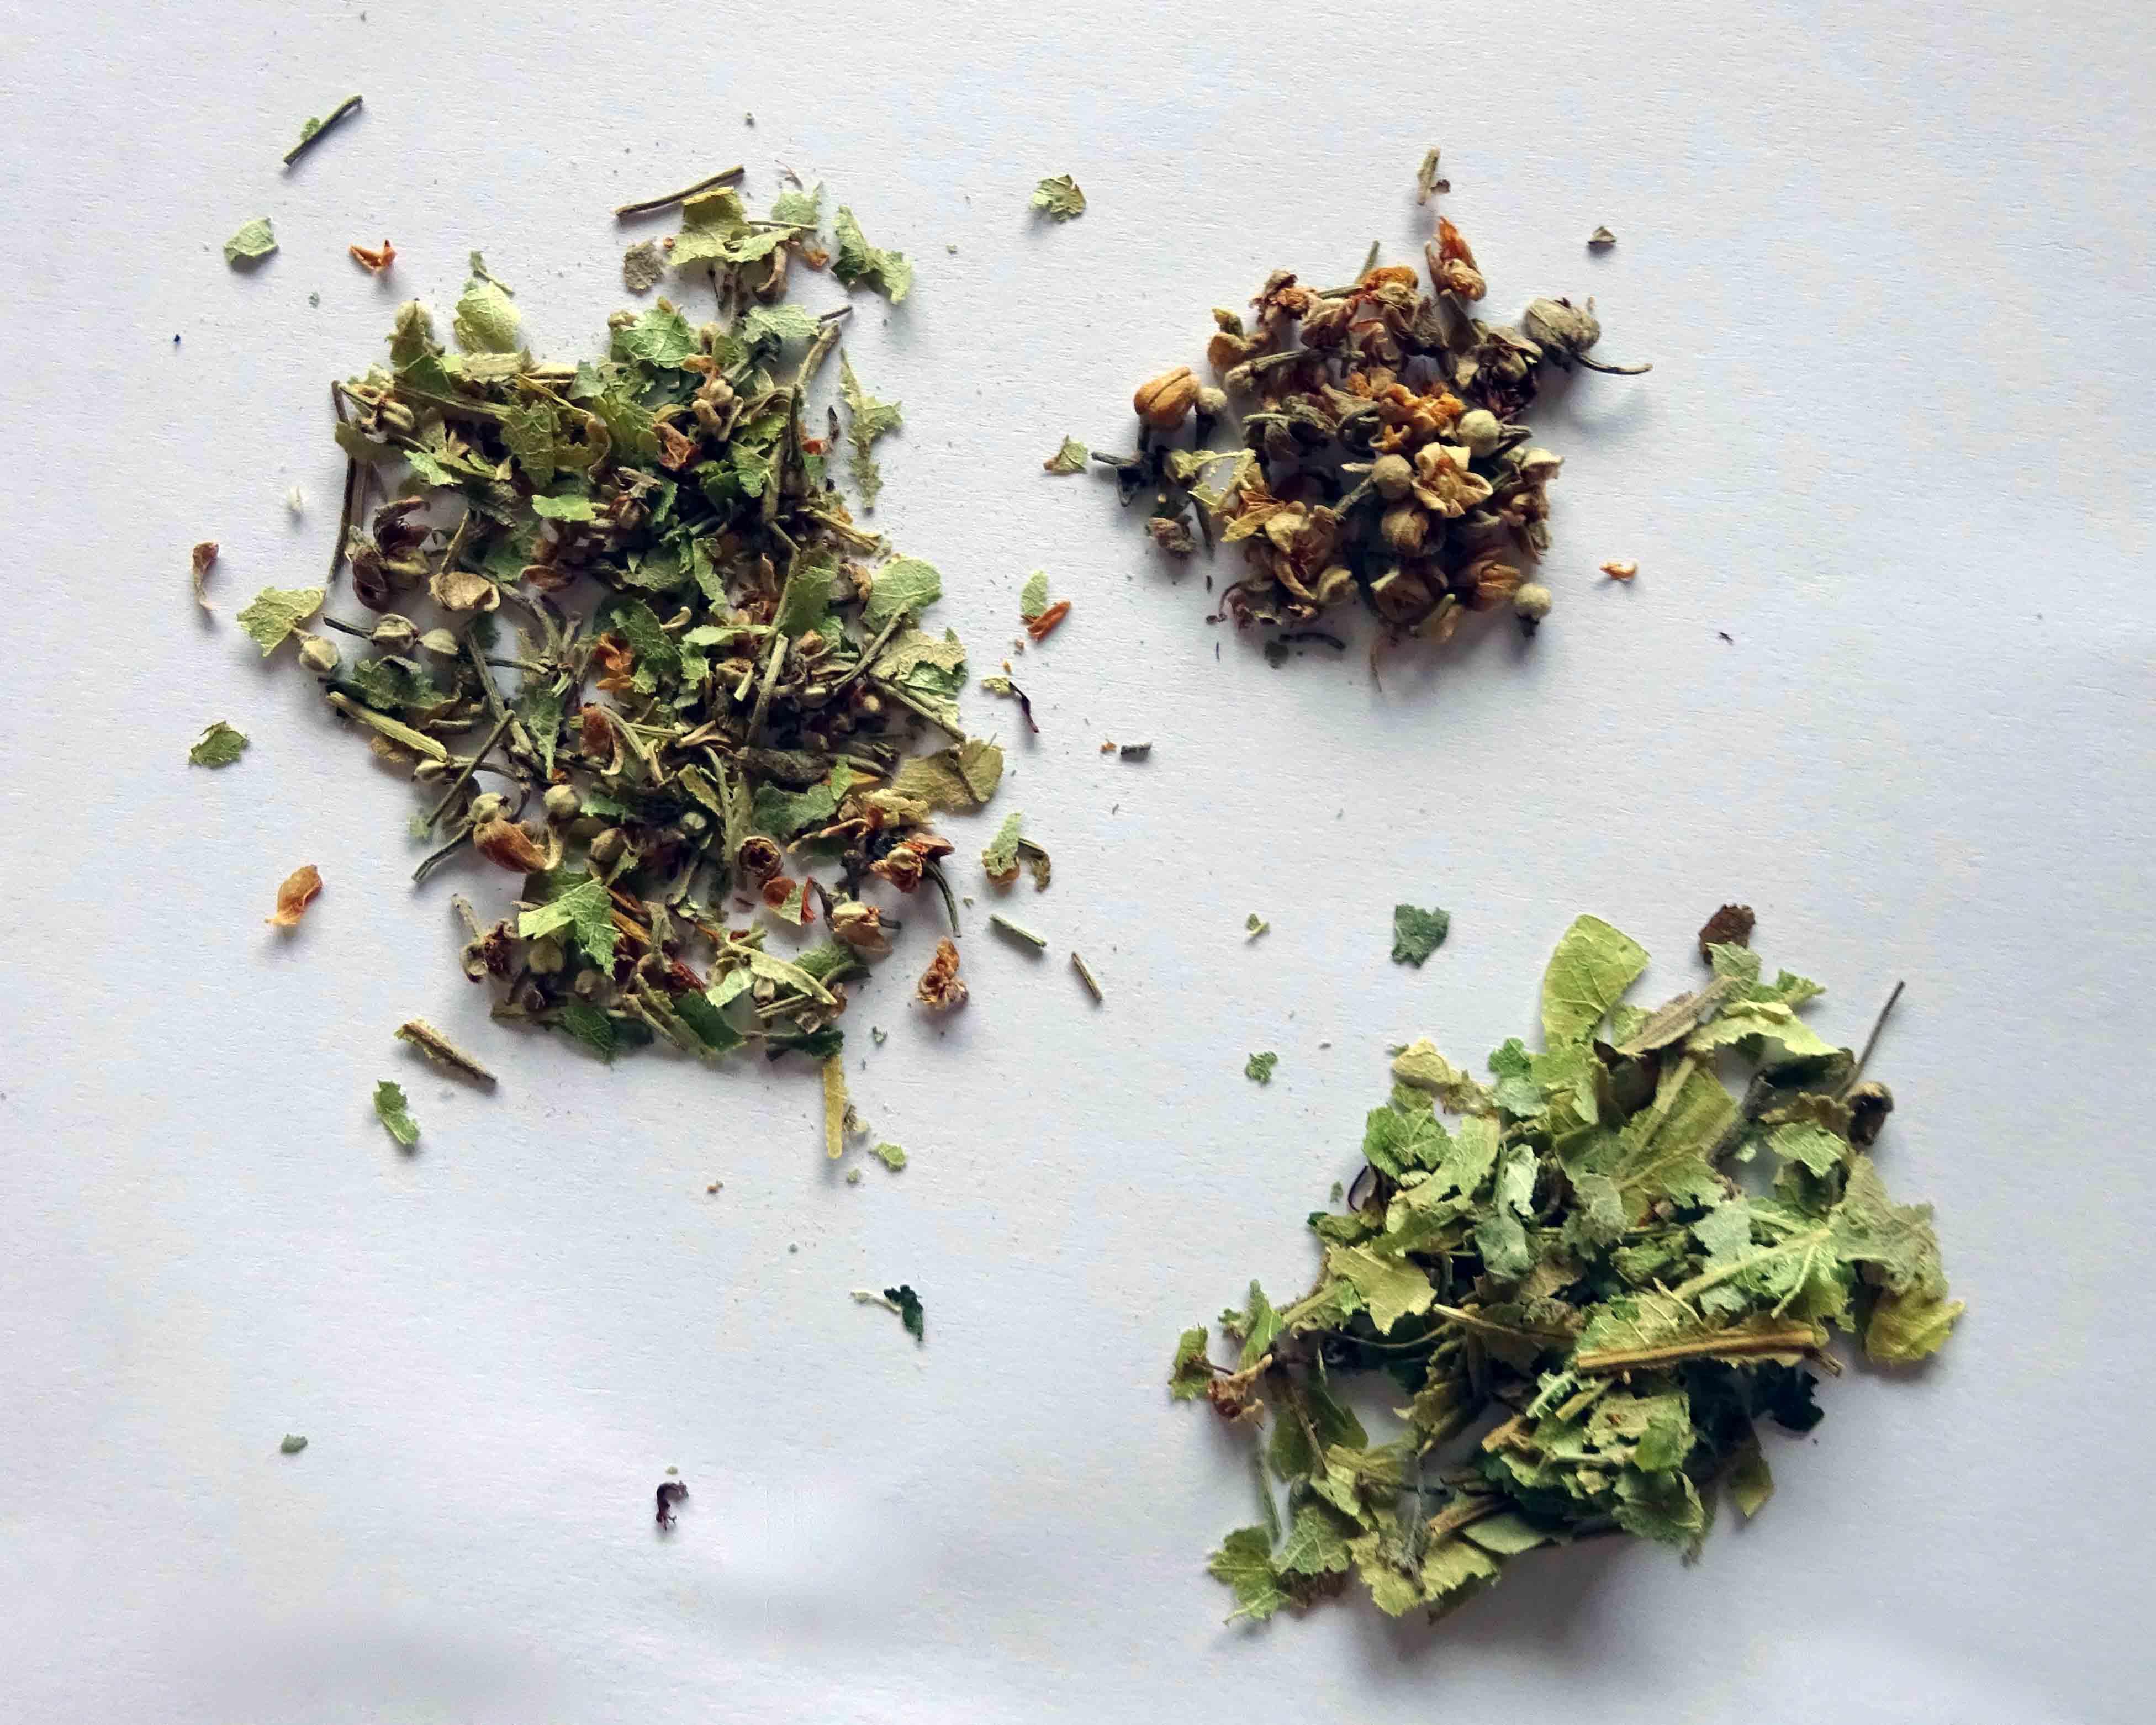 Aus Blüten- und Blattbestandteilen setzt sich der Lindenblütentee von Gschwendner zusammen.